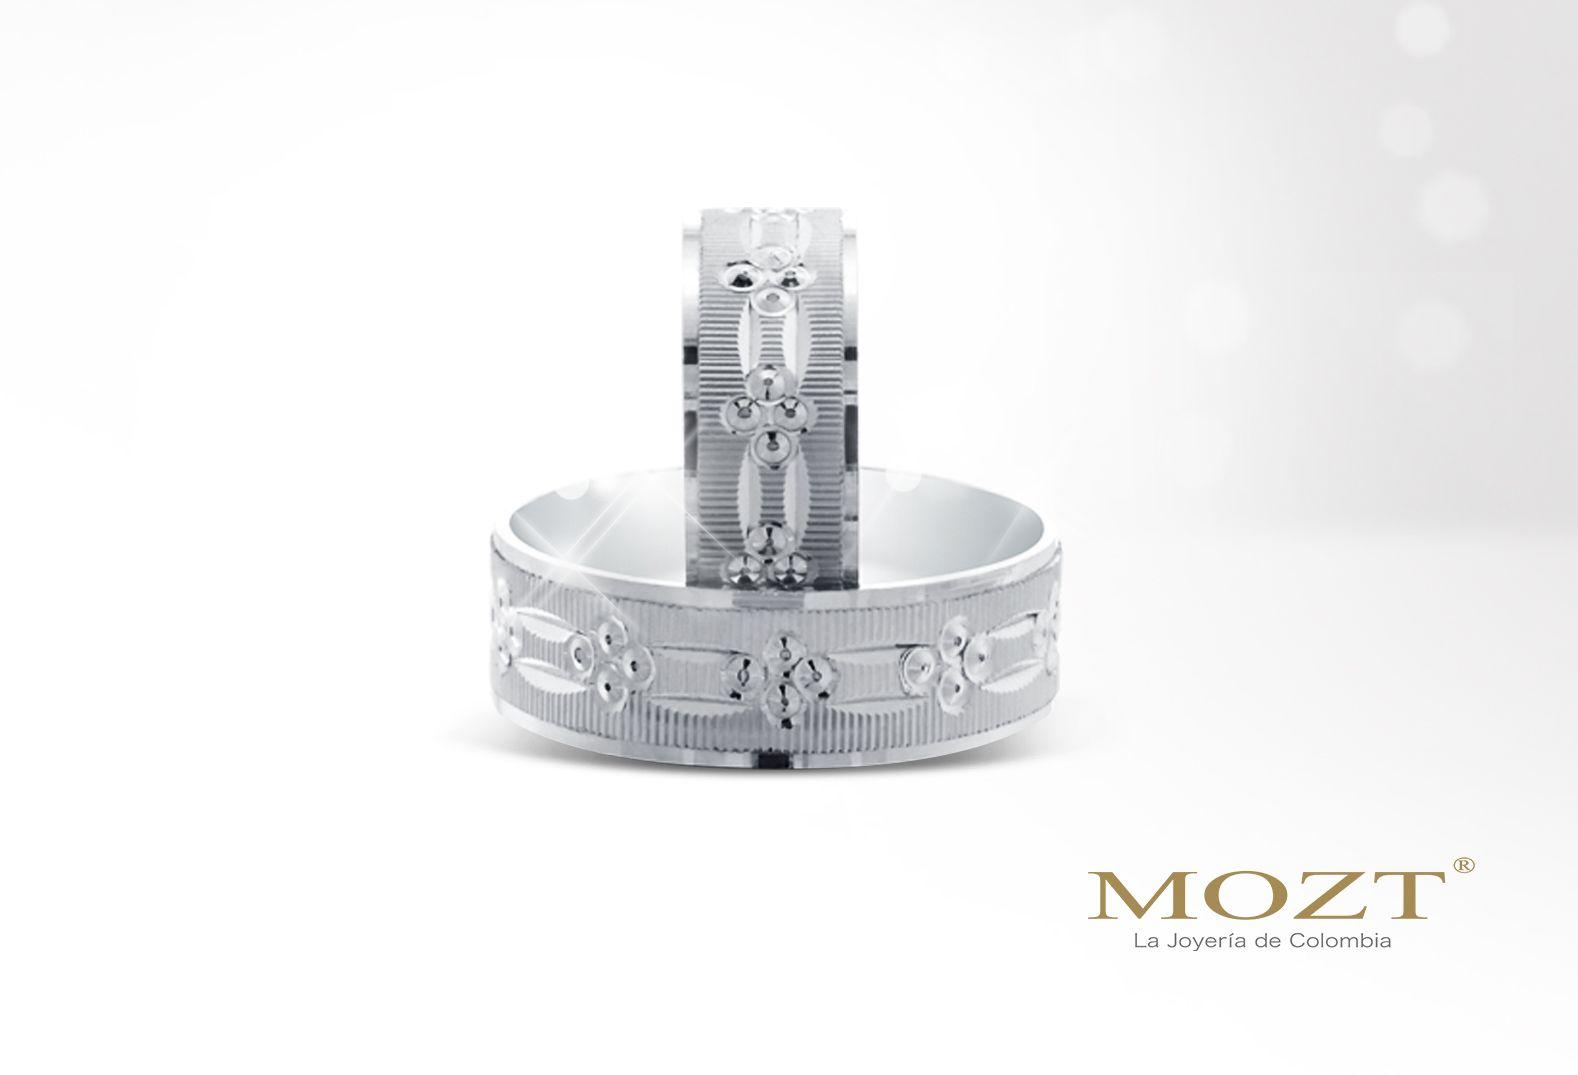 724d33f86534 Pin de Joyeria Mozt en joyería Mozt